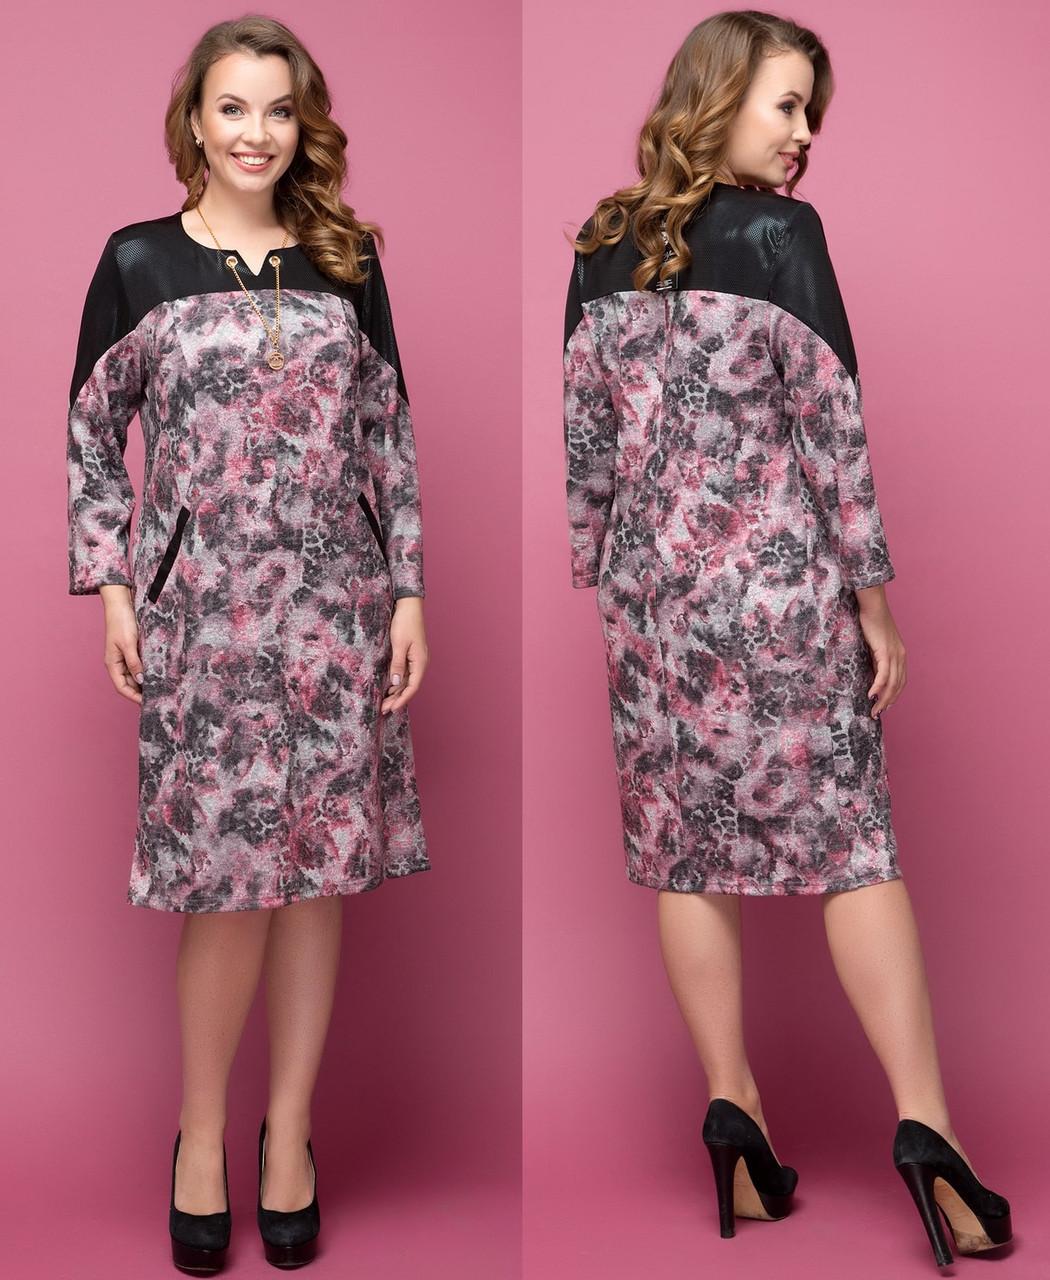 Теплое платье ангора больших размеров трикотажное демисезонное деловое офисноепрямое, батал